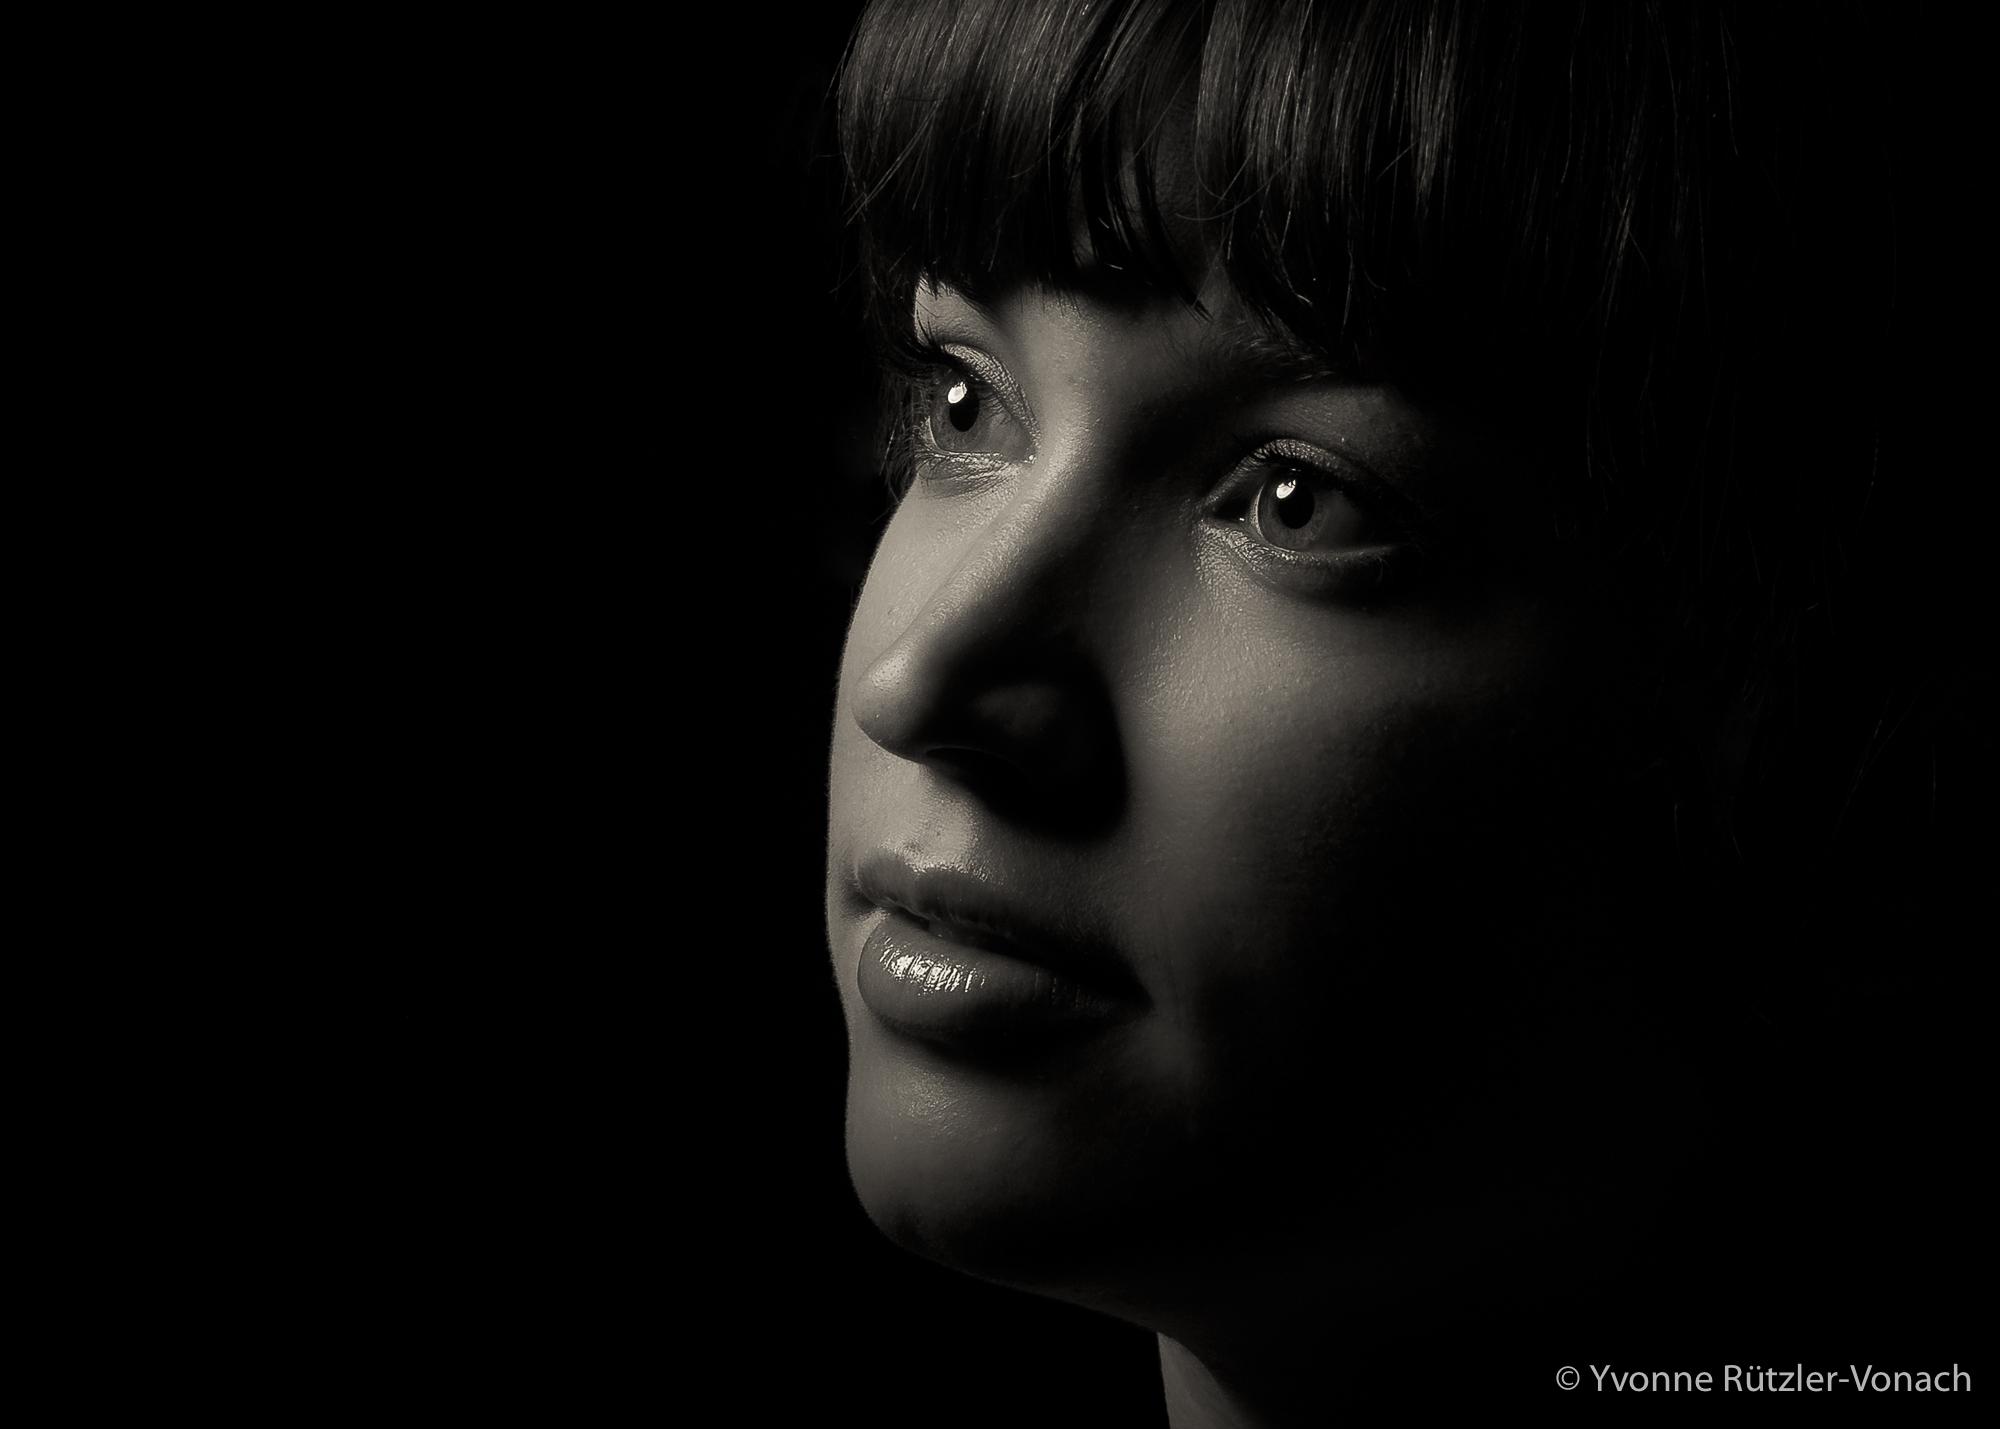 Yvonne 07314 Fotoprofi DIGITAL 2015-Bearbeitet